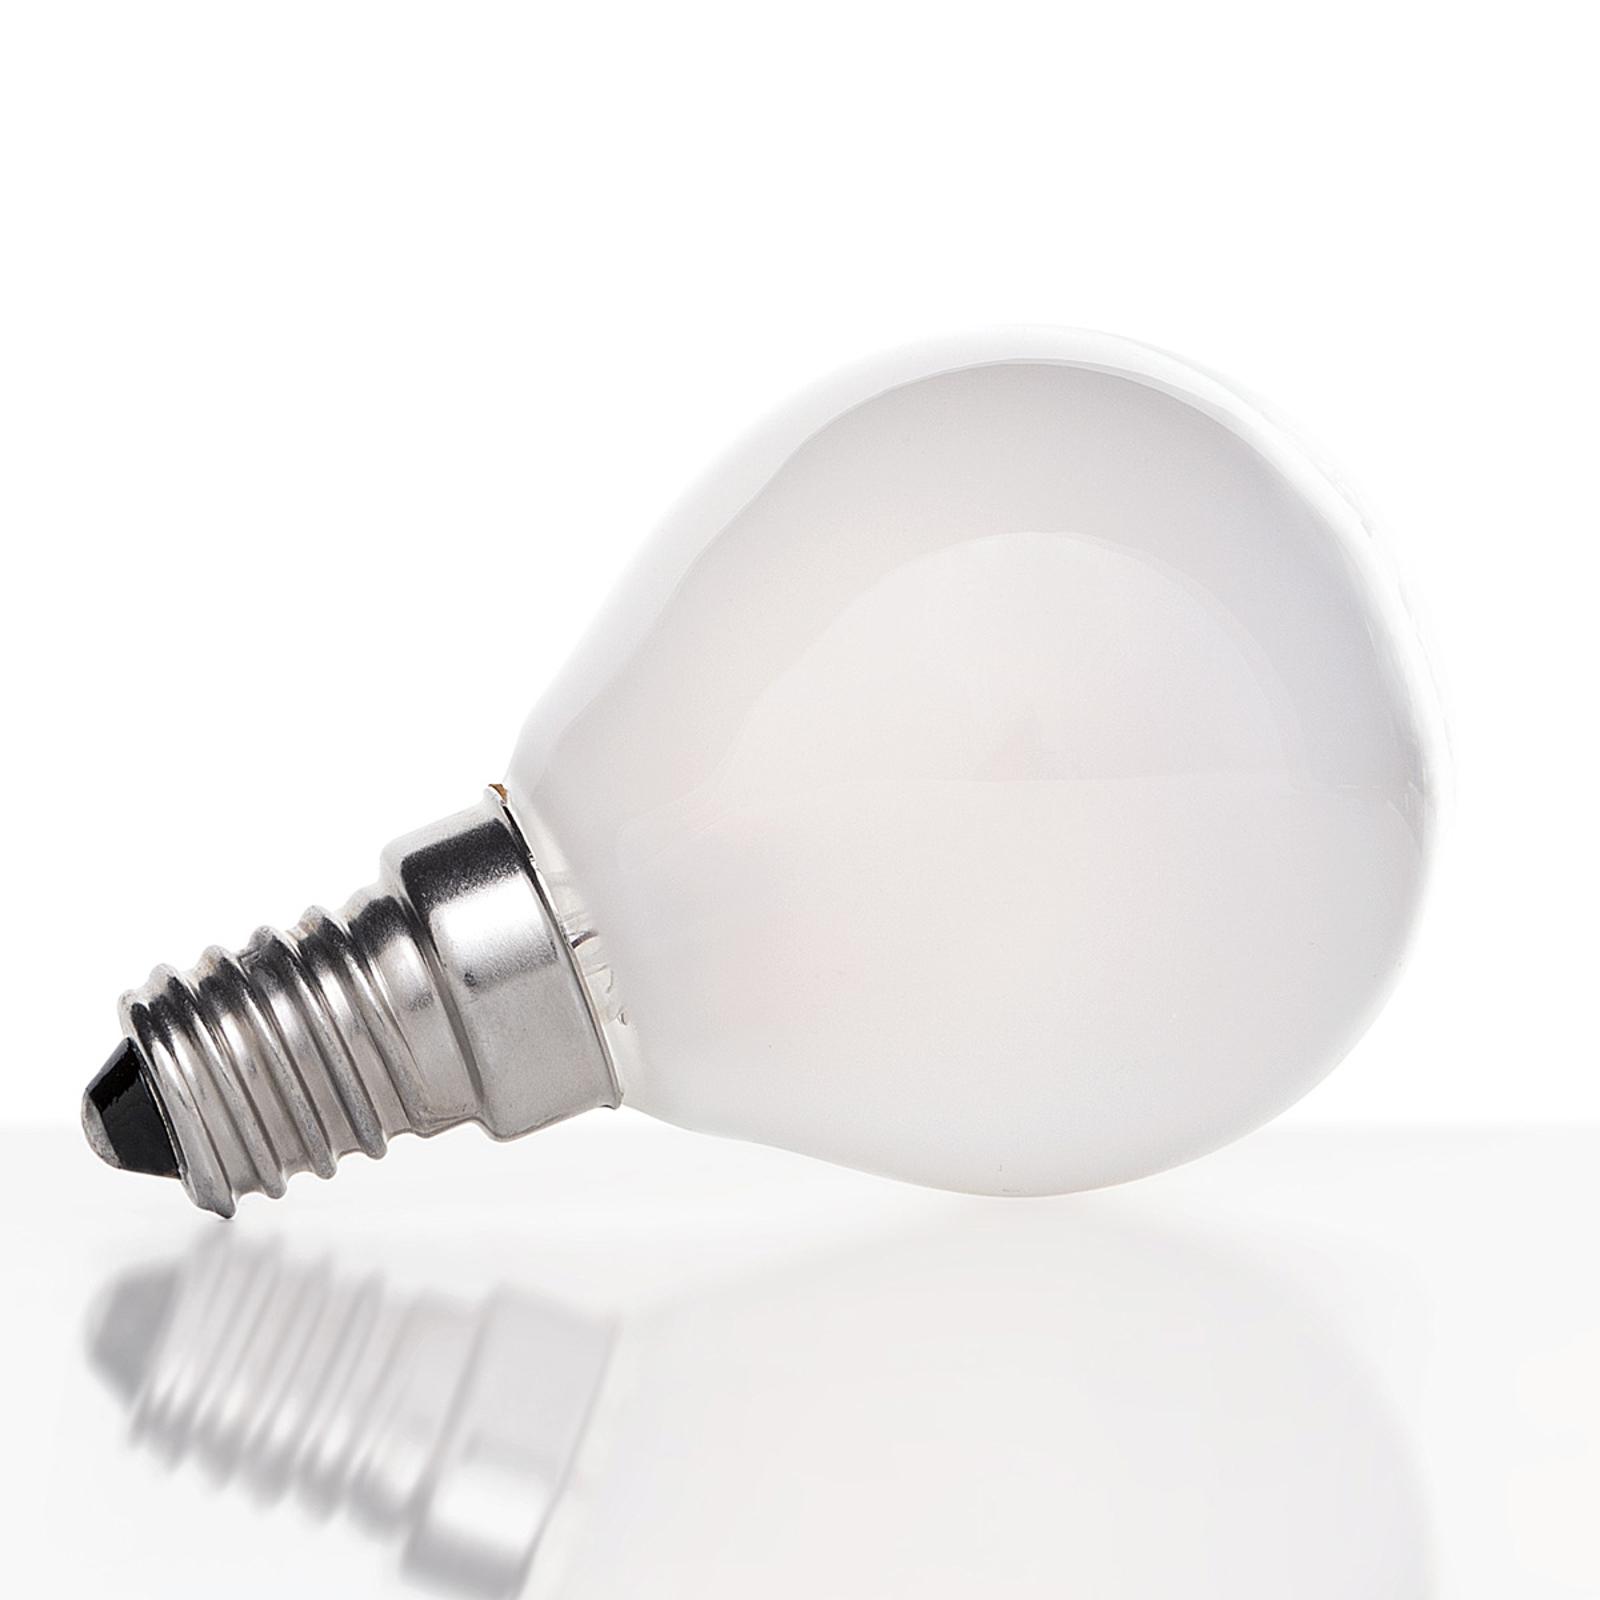 E14 4W 827 lampadina LED a goccia, interno opaco